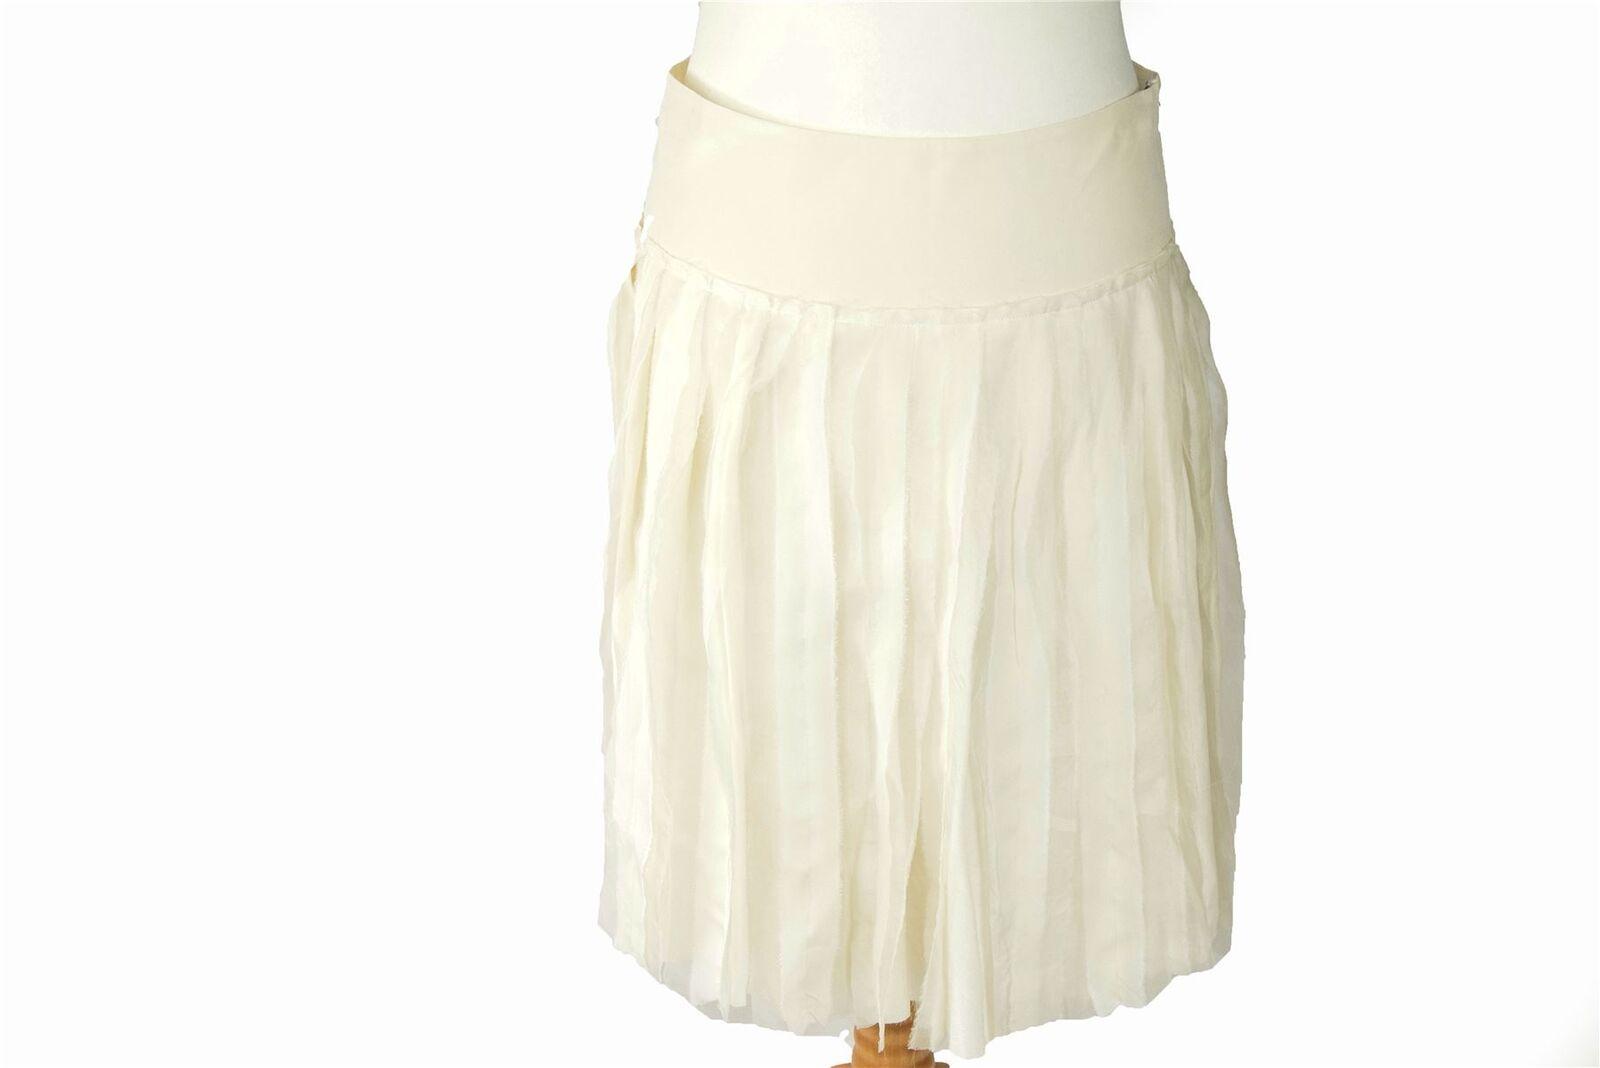 DKNY White 100% Silk Skirt, US 6